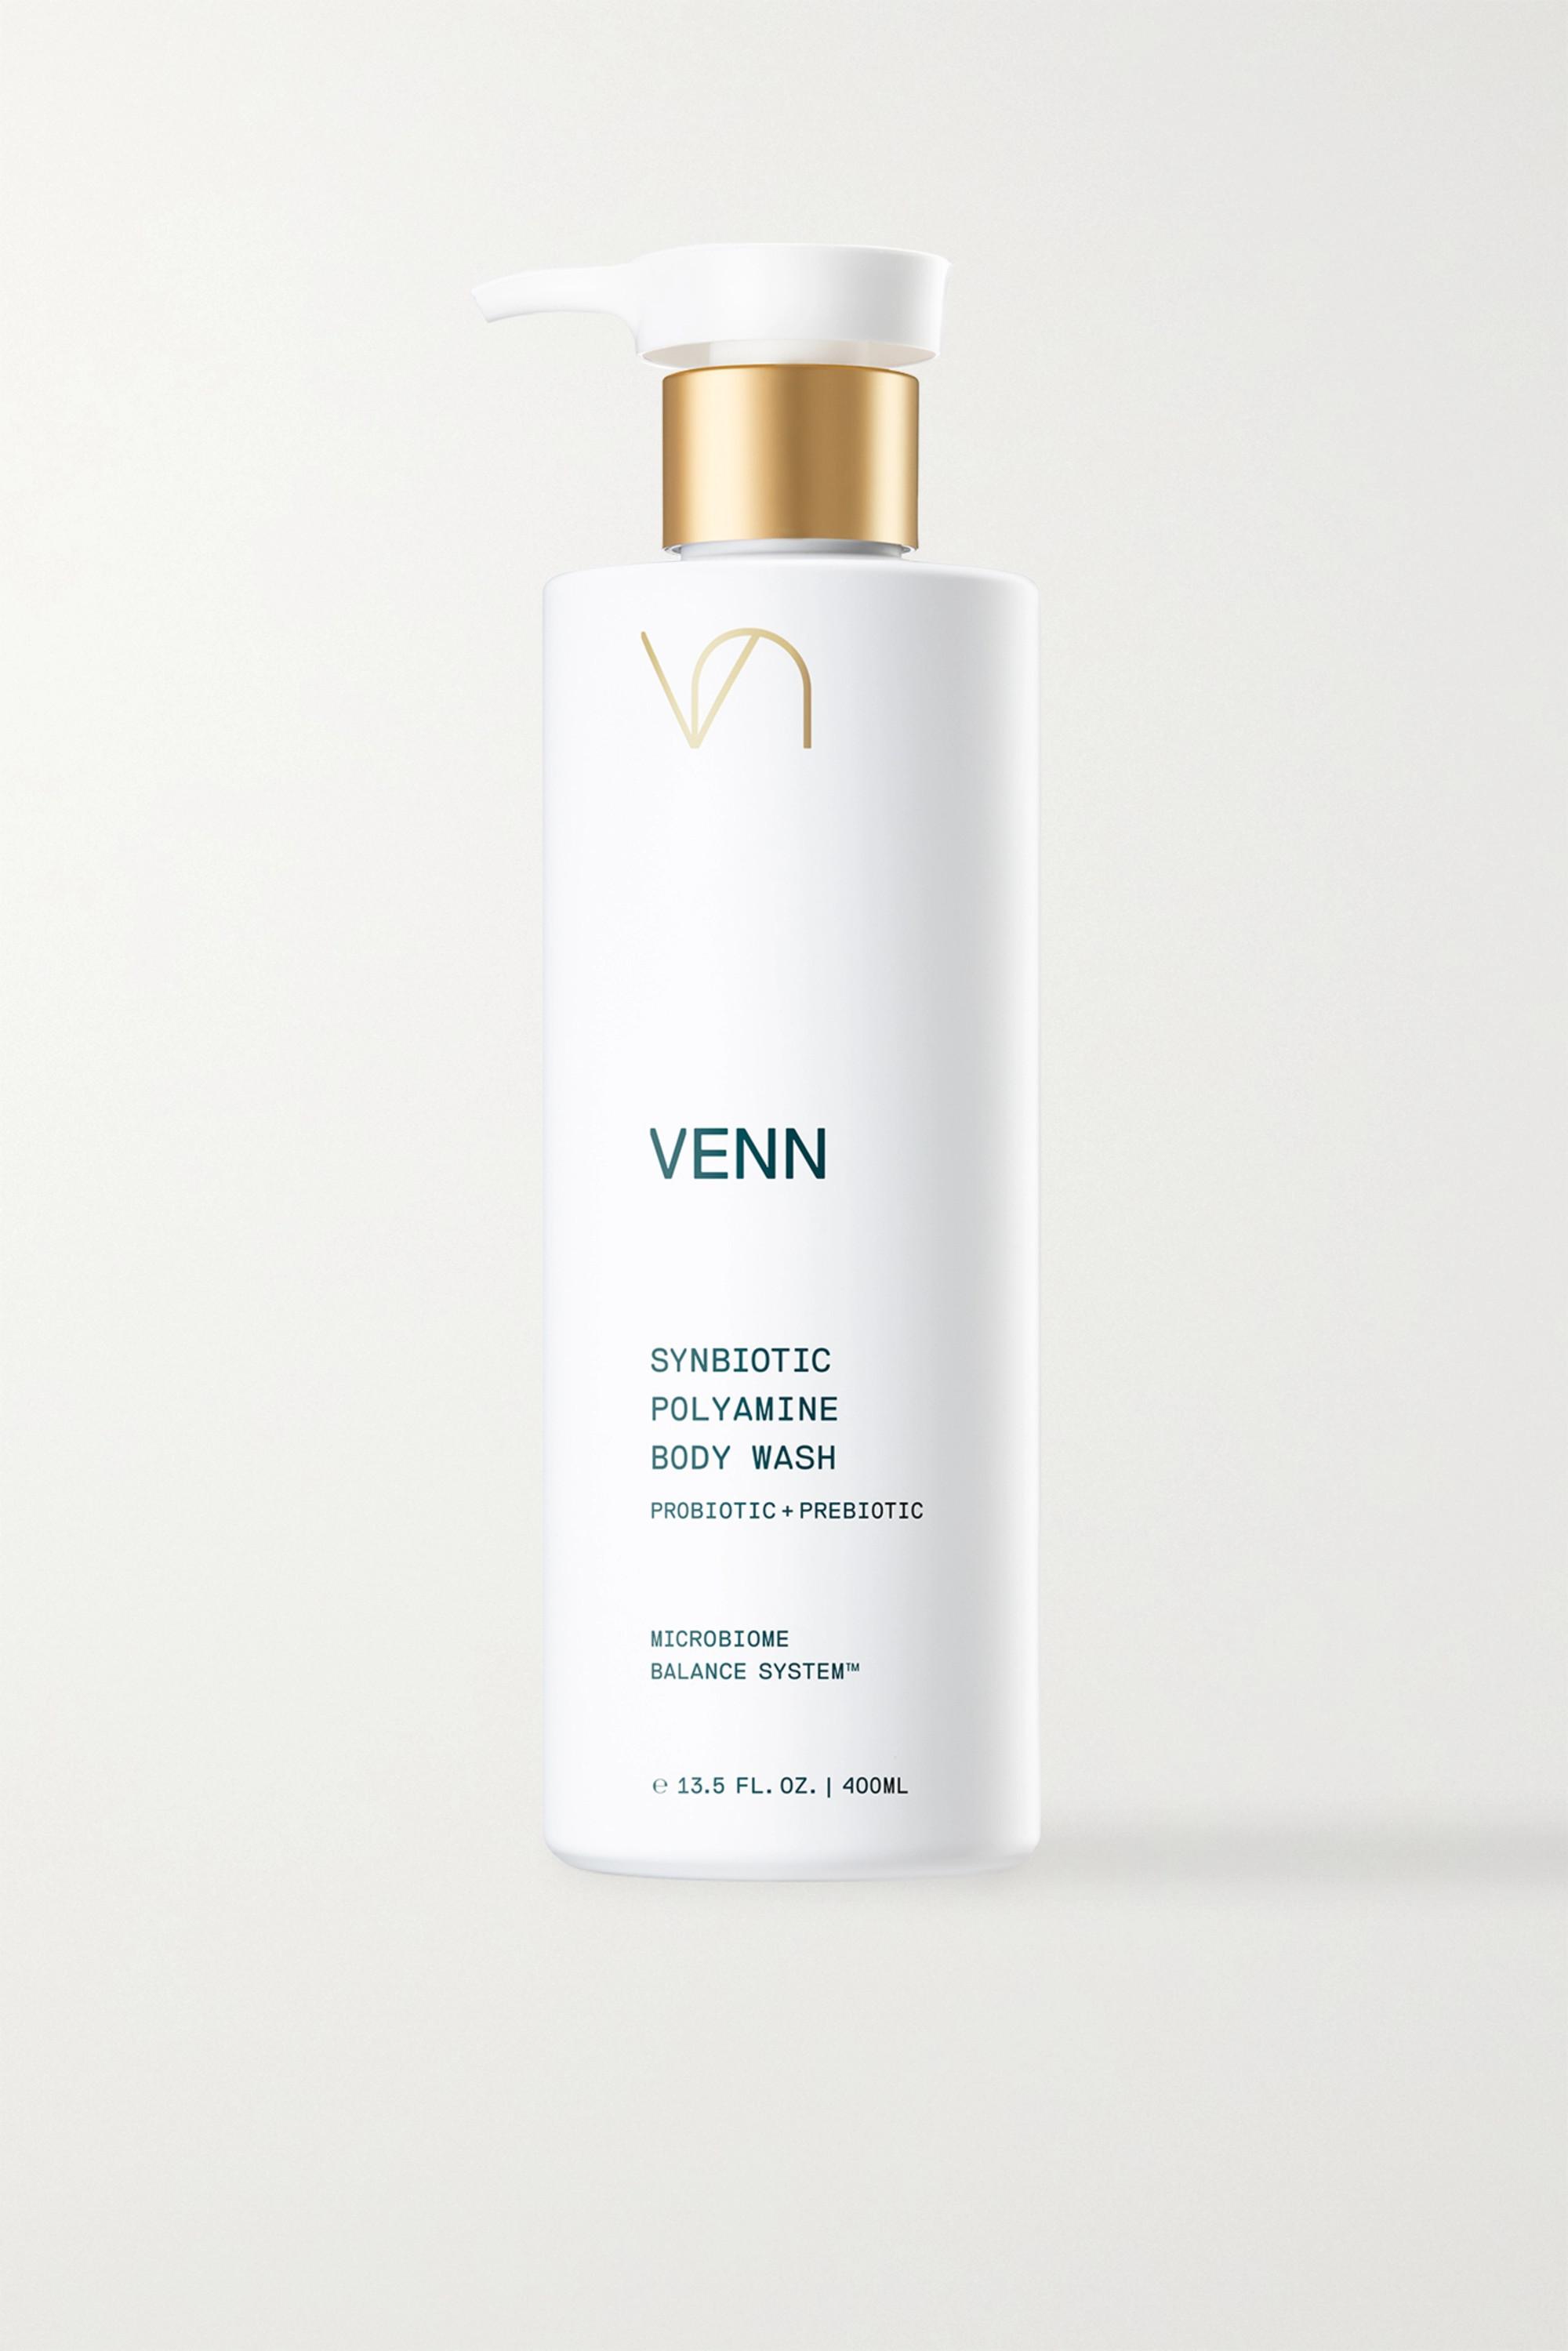 VENN - Synbiotic Polyamine Body Wash, 400ml